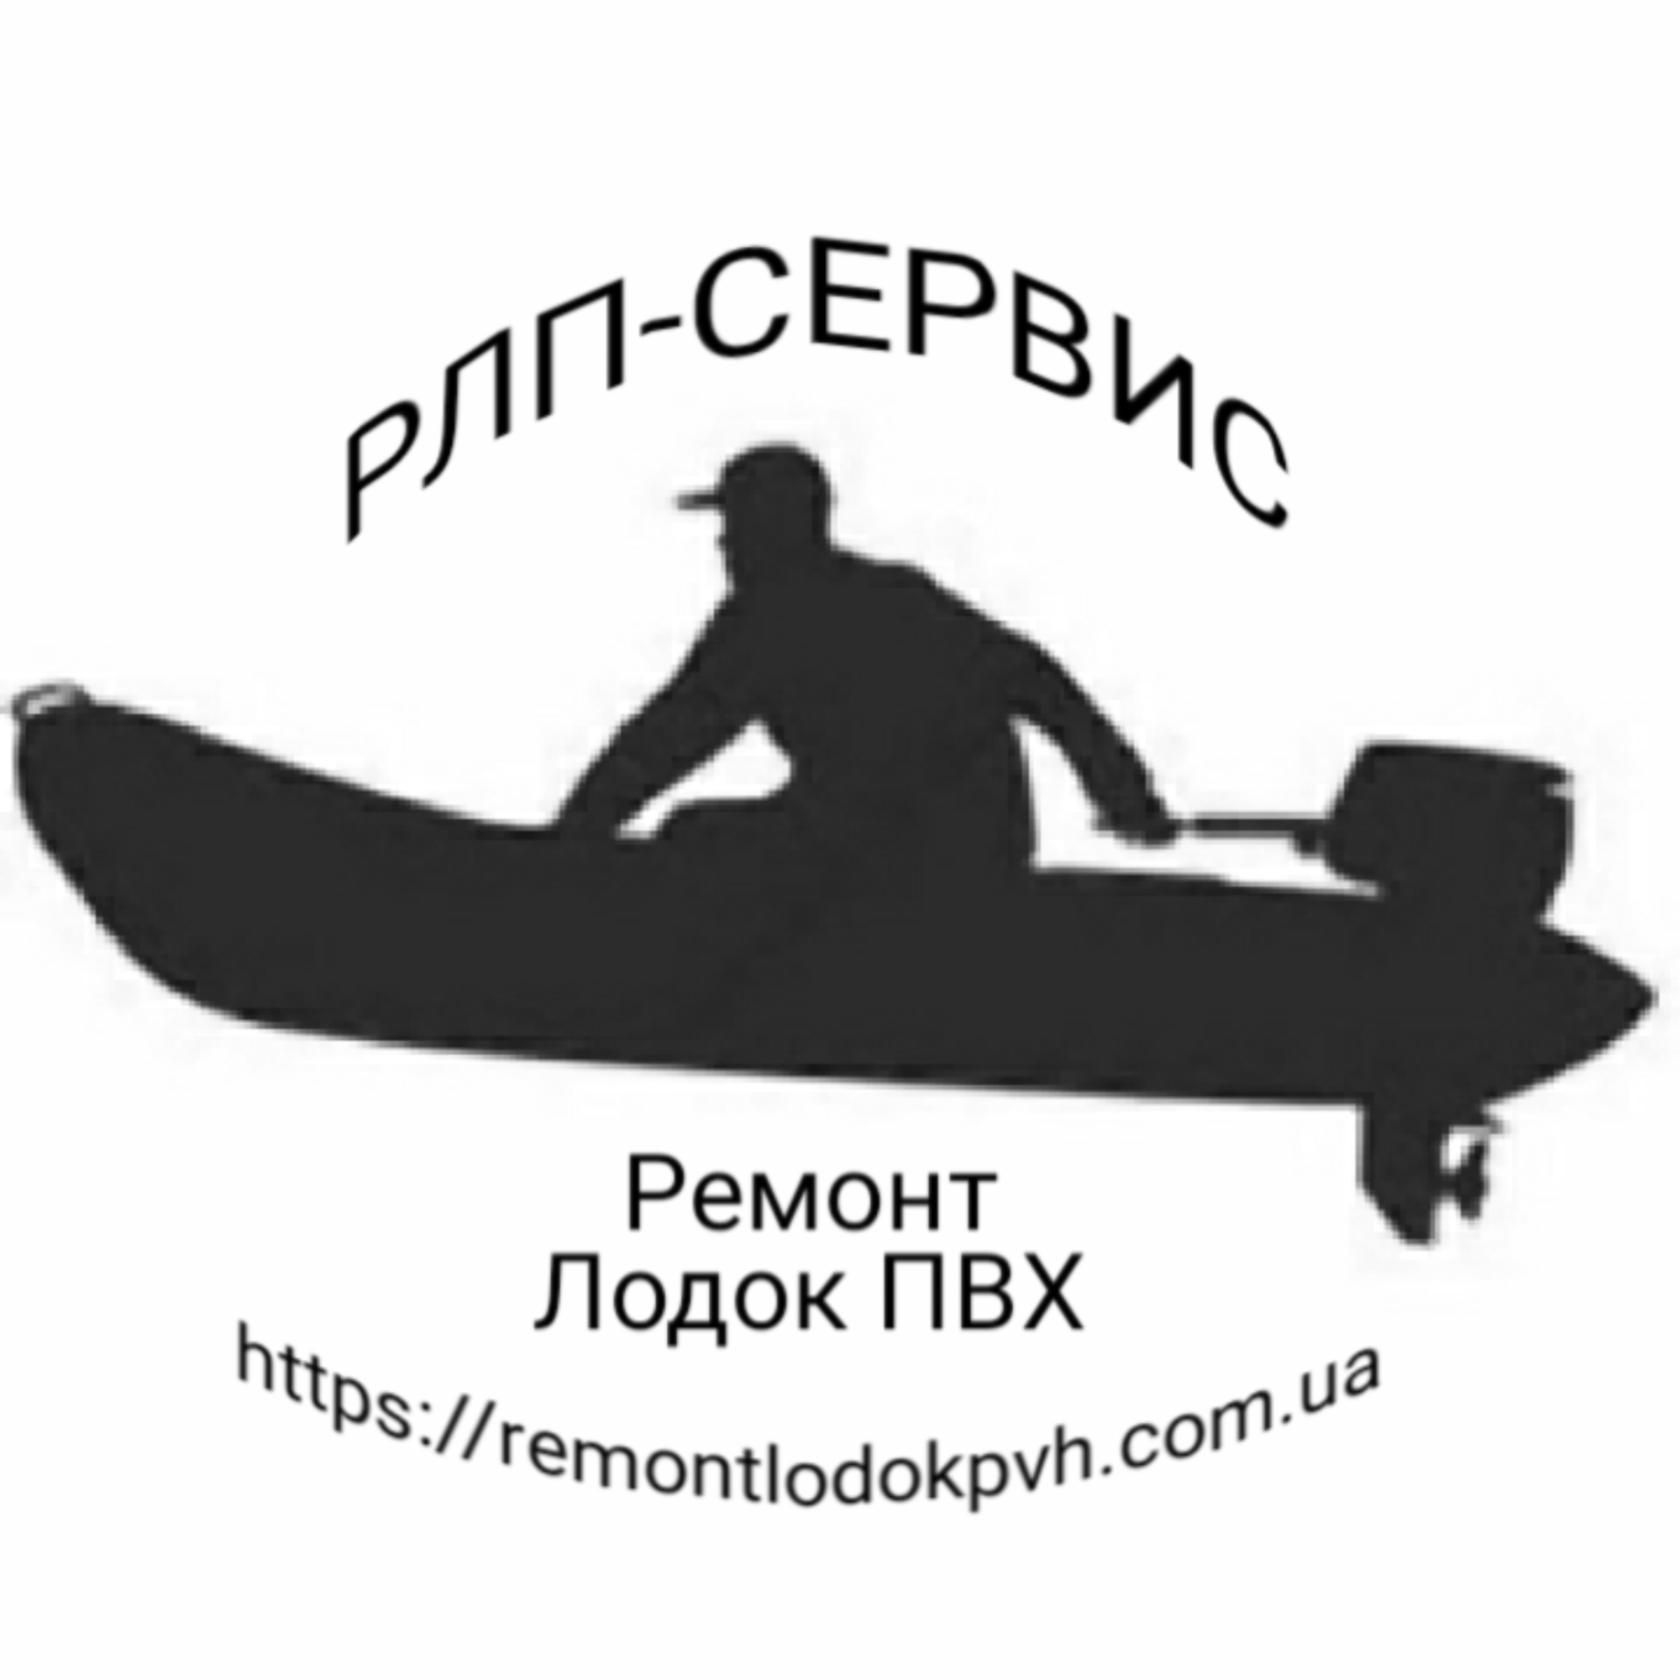 РЕМОНТ ТЮНИНГ ЛОДОК ПВХ